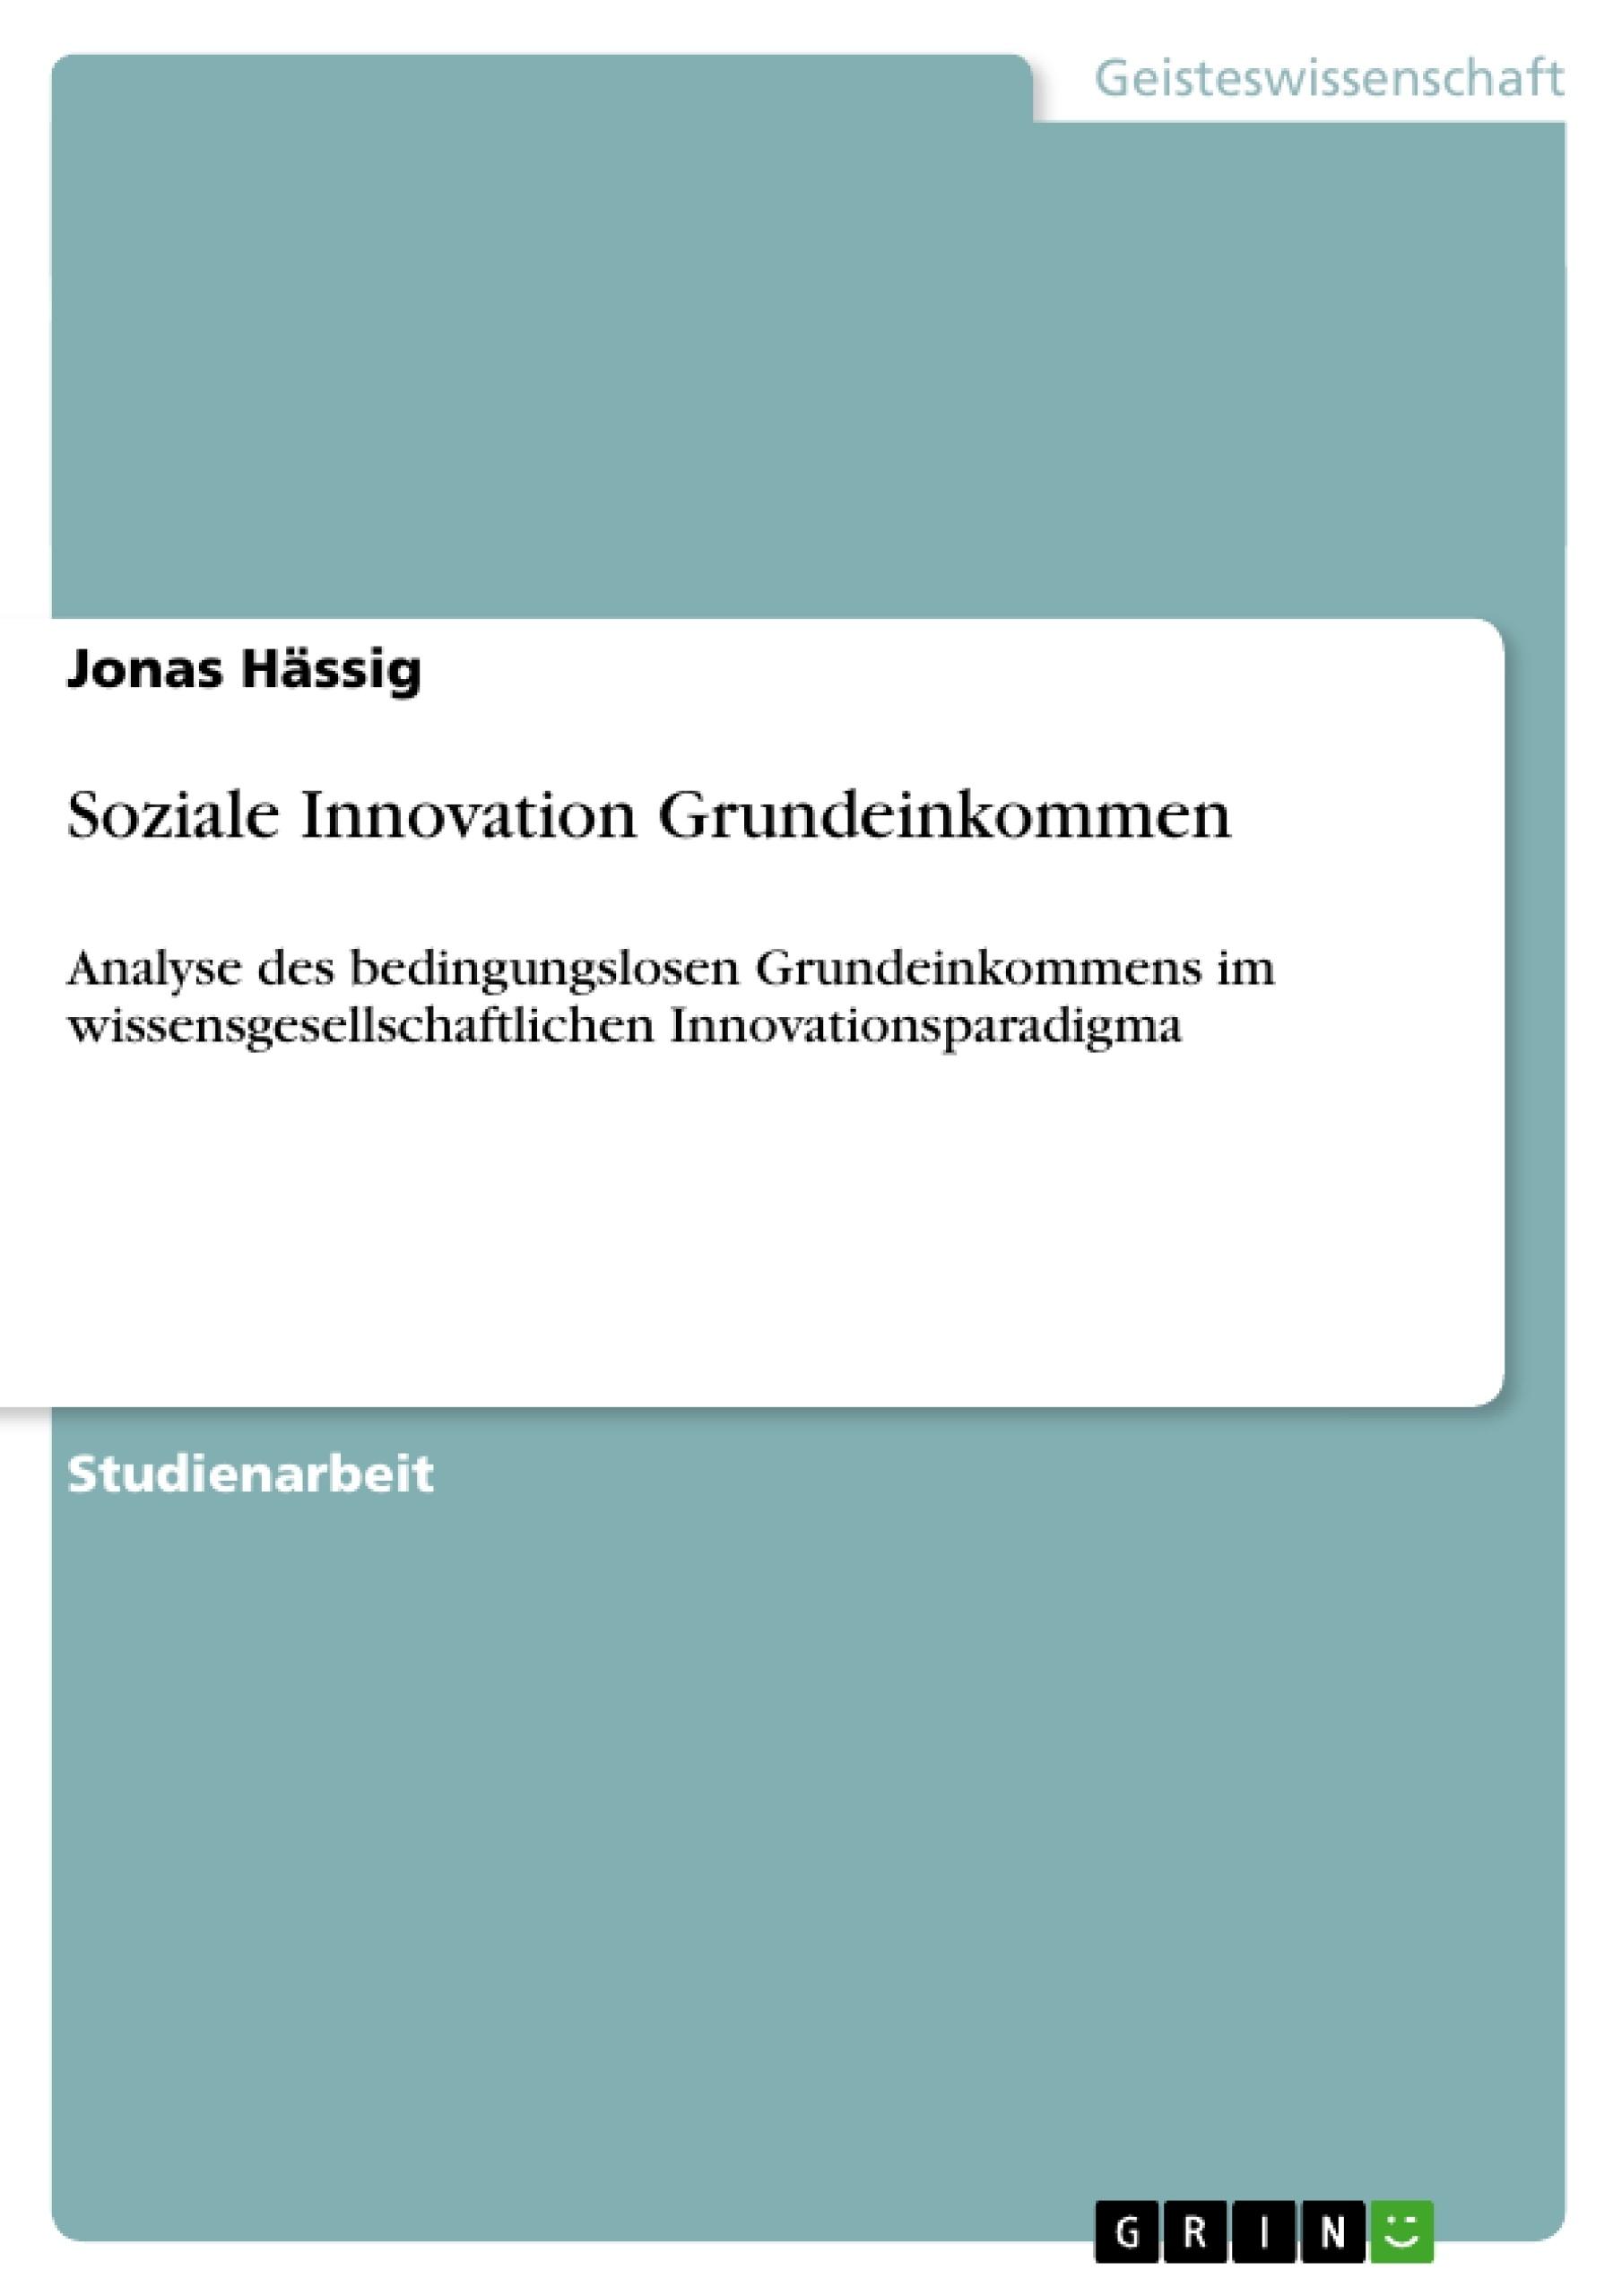 Titel: Soziale Innovation Grundeinkommen